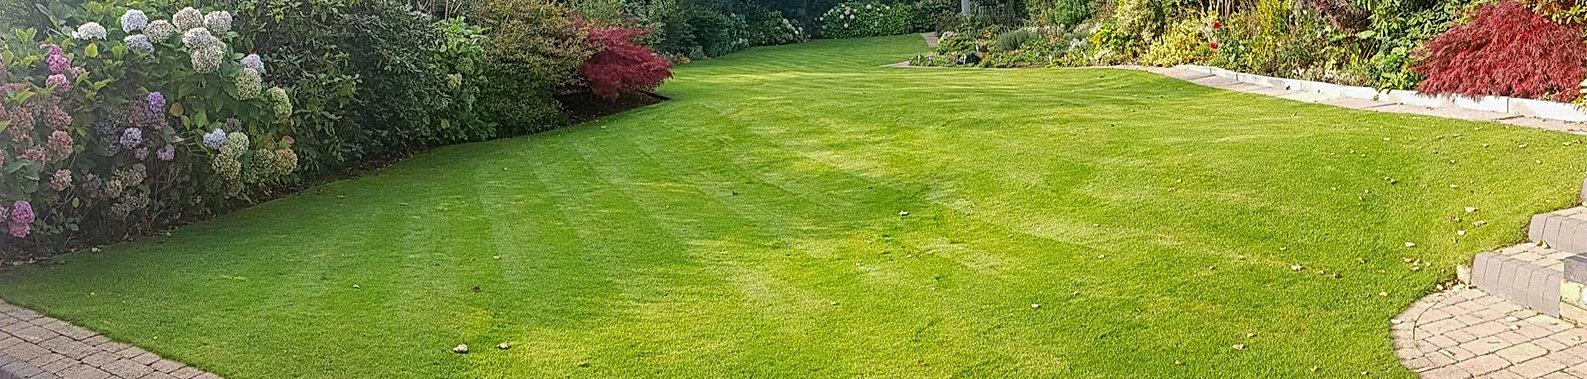 Lawn Care Services in Sutton Coldfield